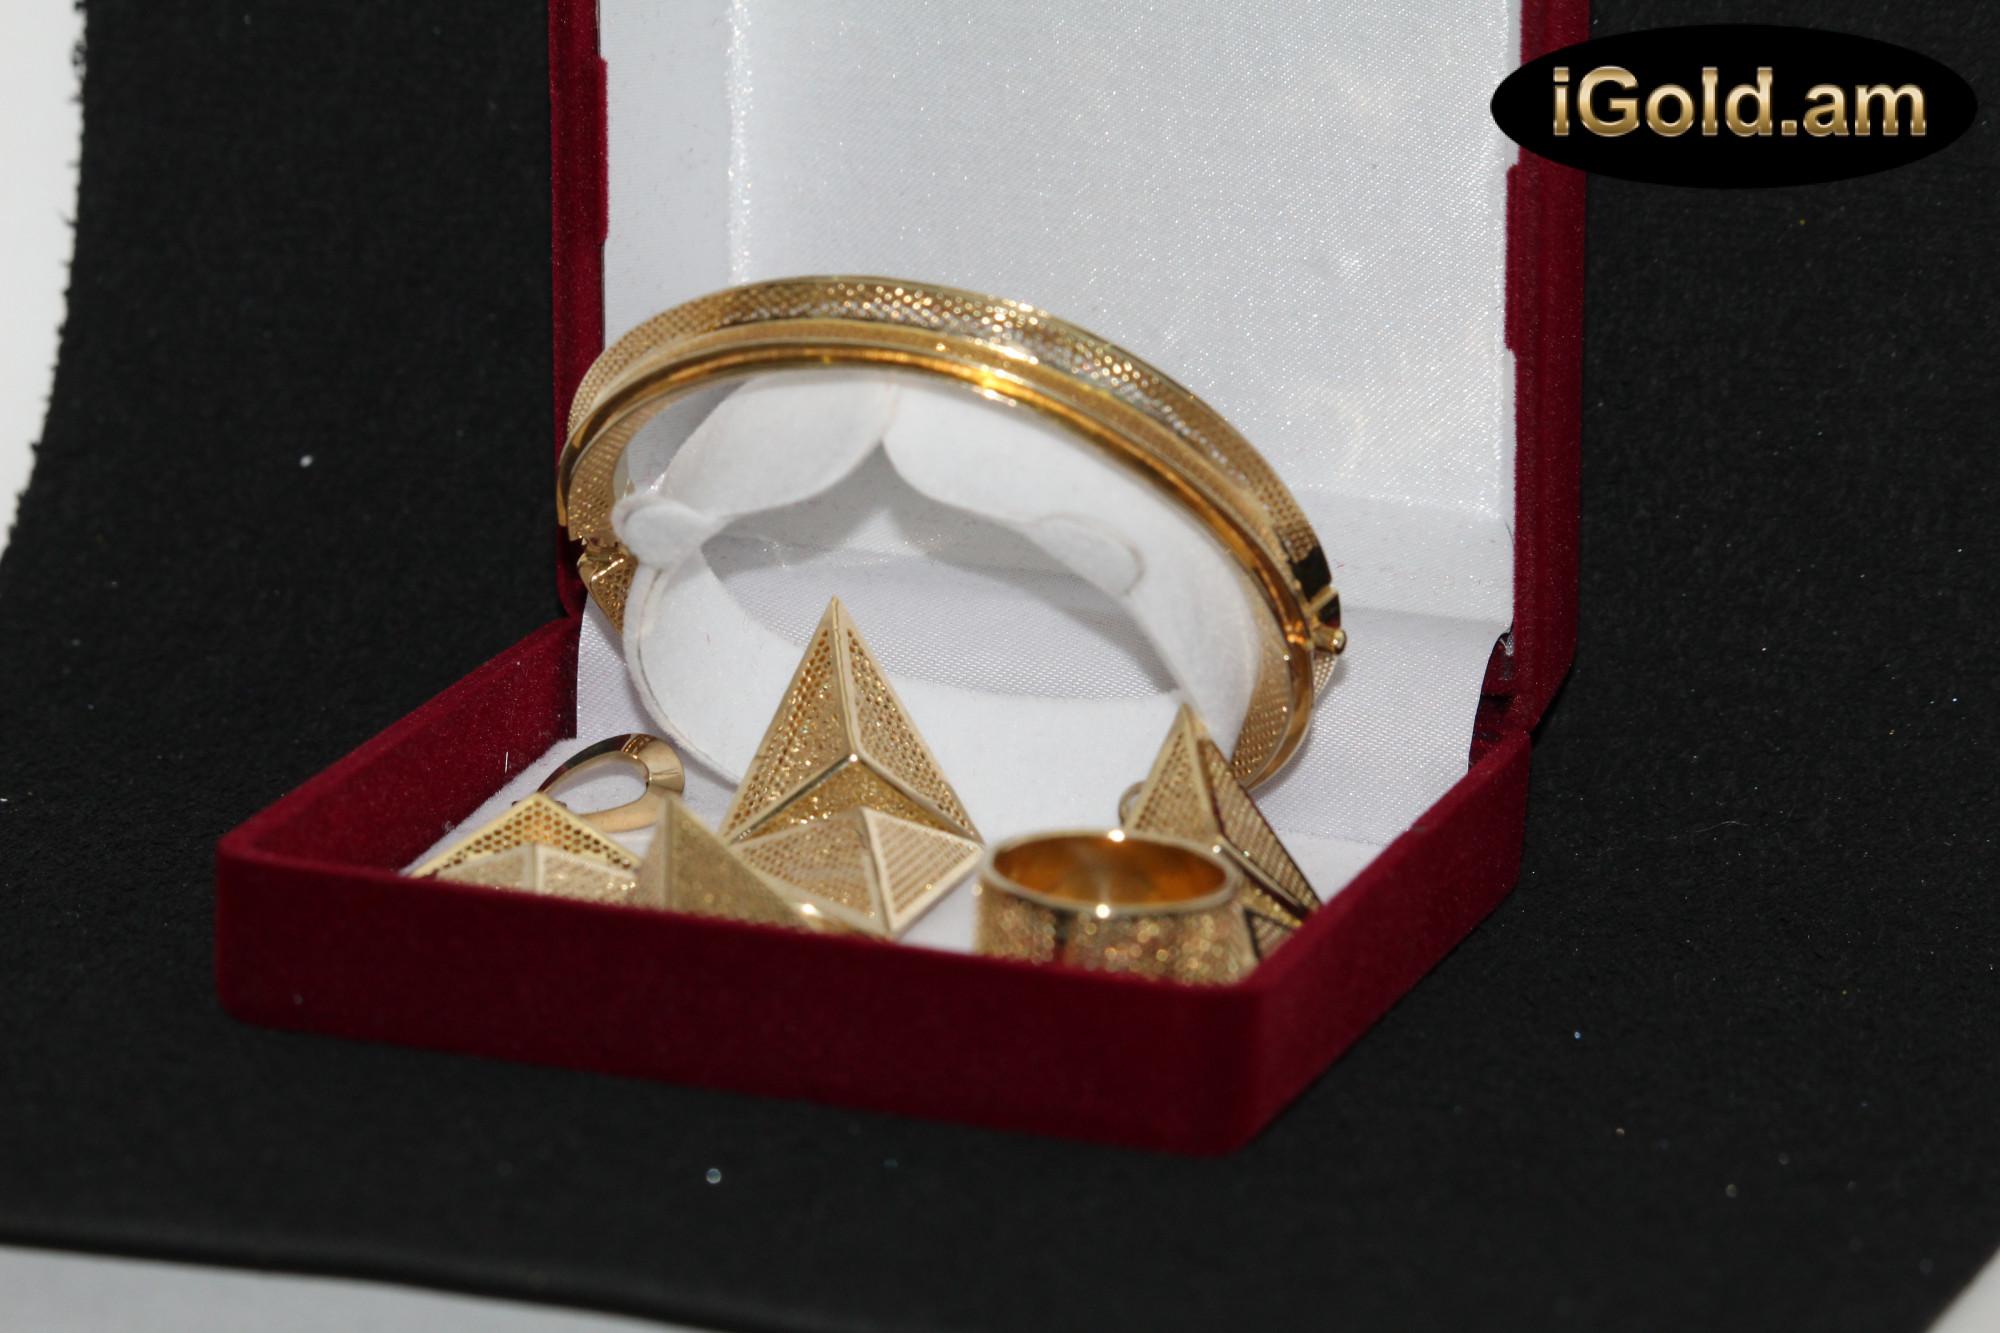 Ոսկյա կանացի ականջօղեր - 8.6 գր - կոդ 118-106 voskya kanaci akanjoxer - 8.6 gr